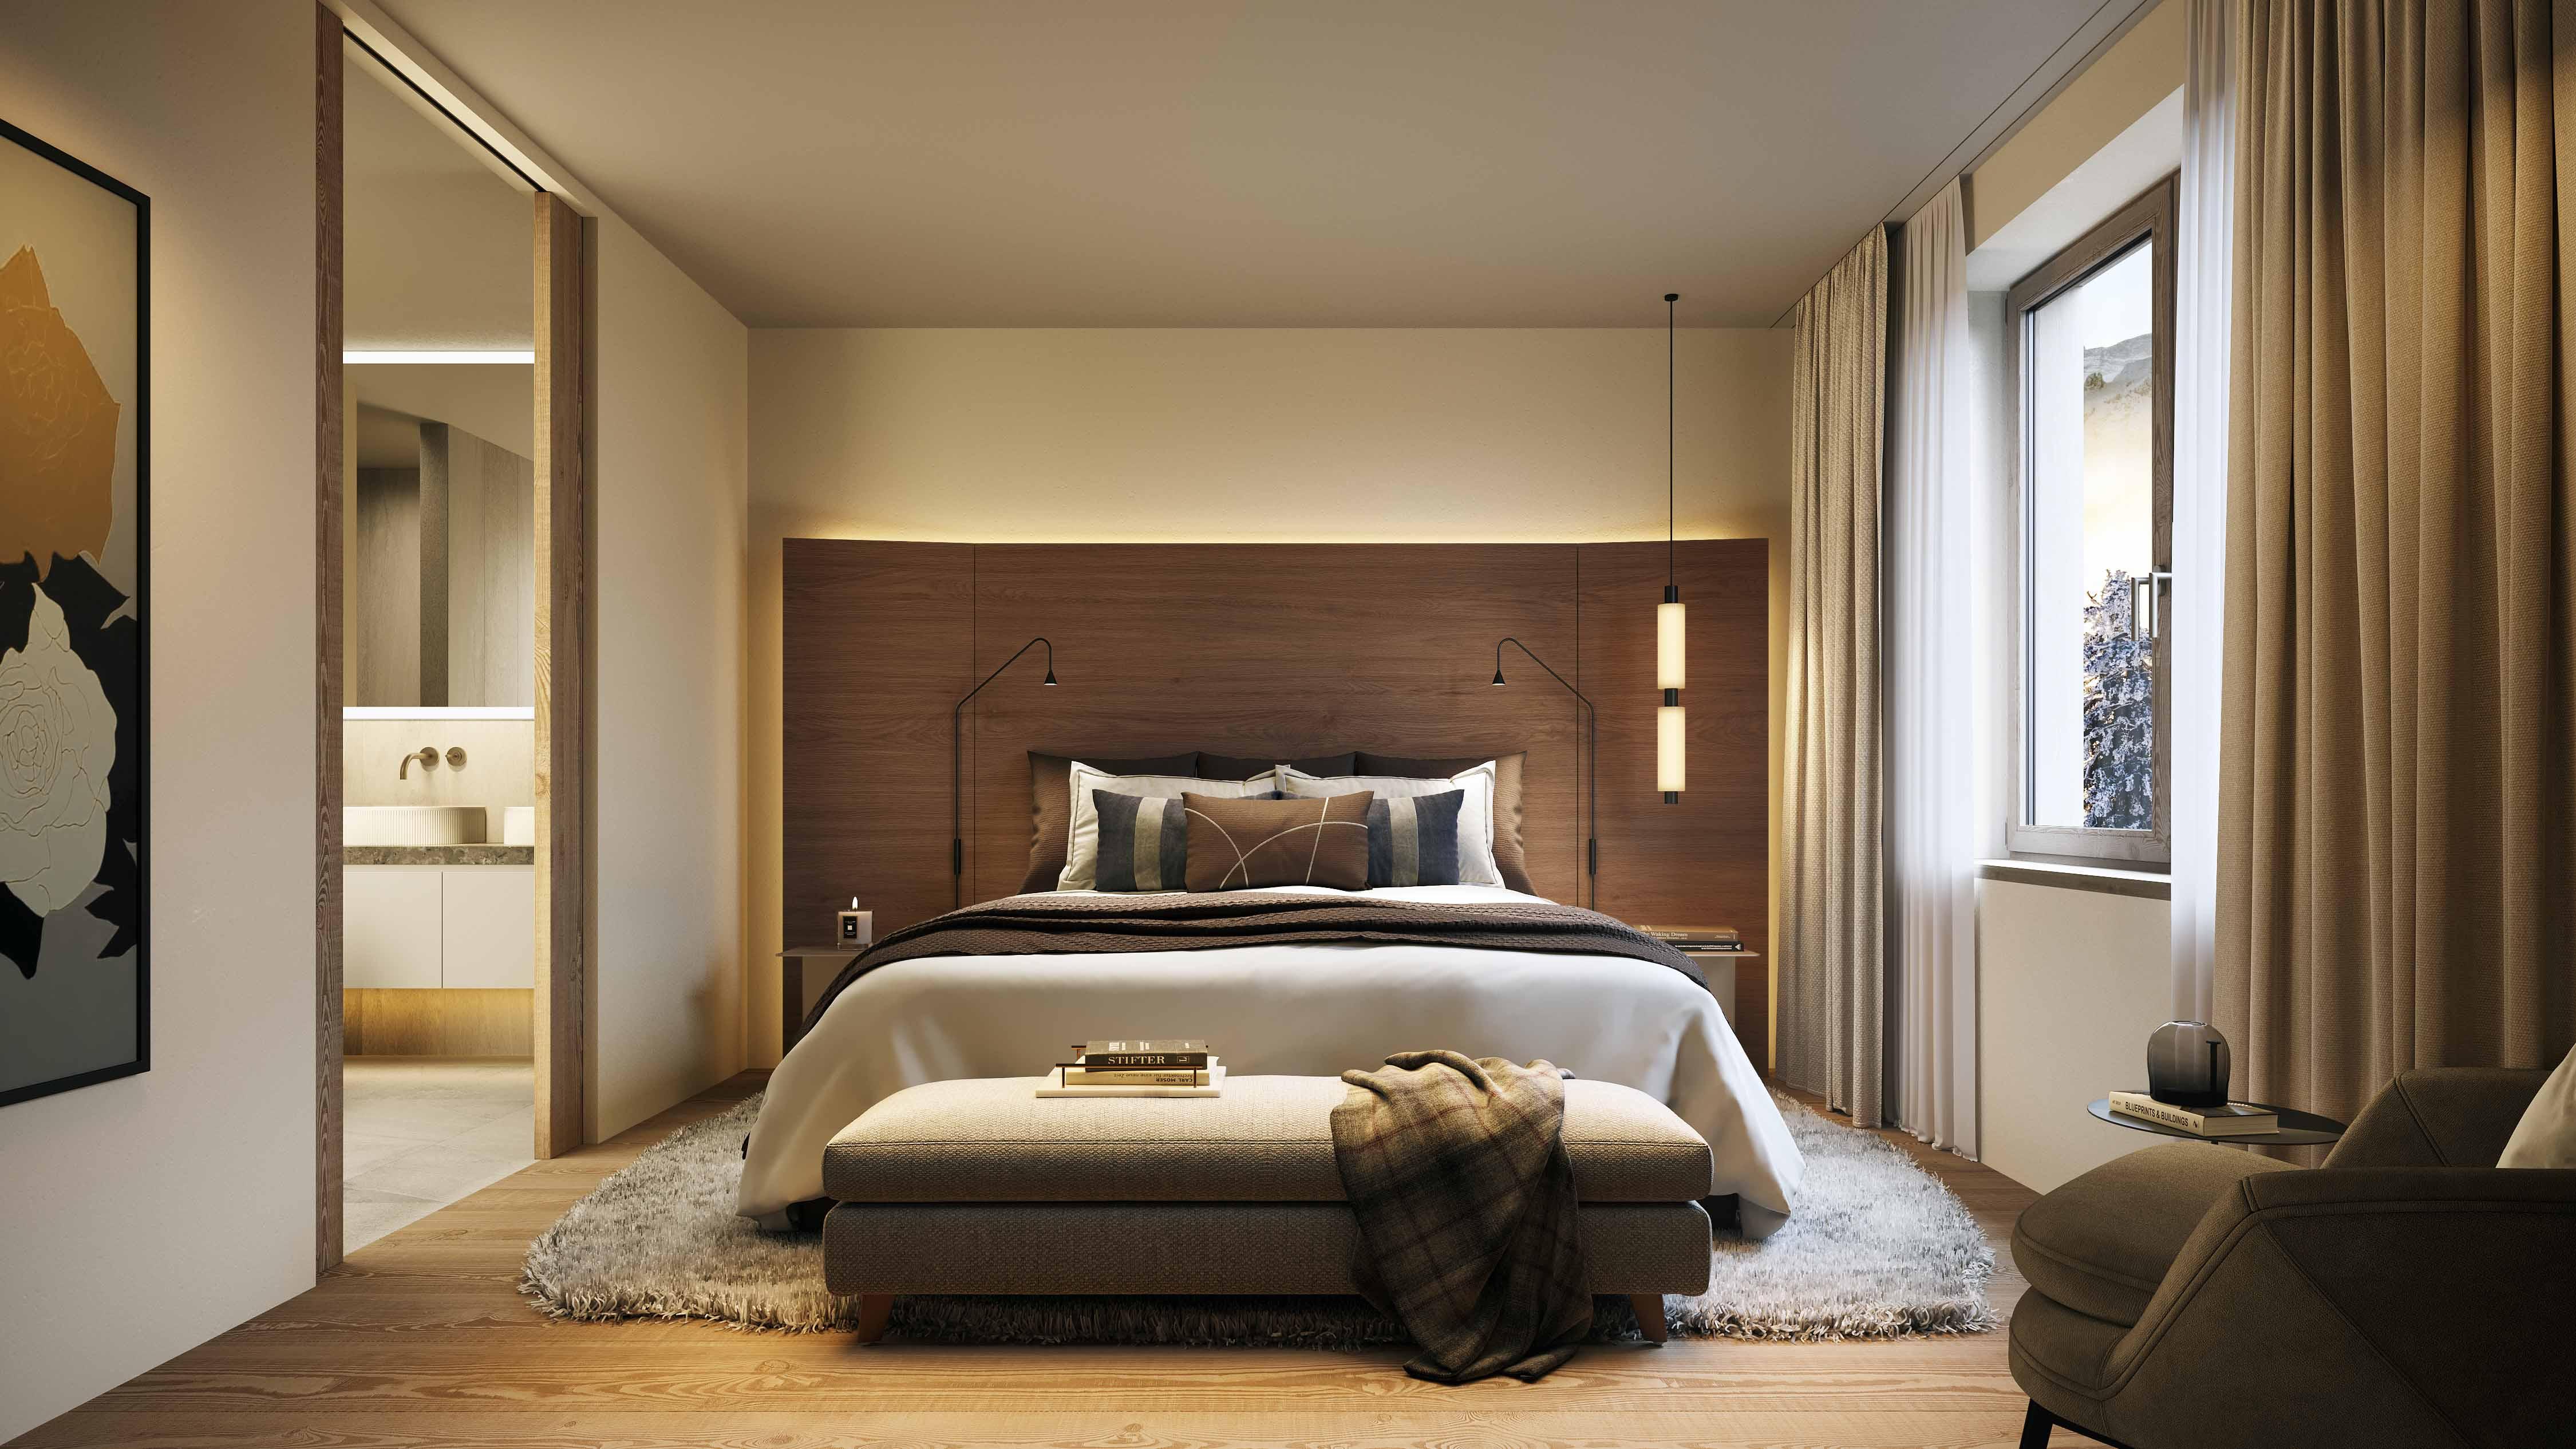 Haus Altera Apartments, Switzerland